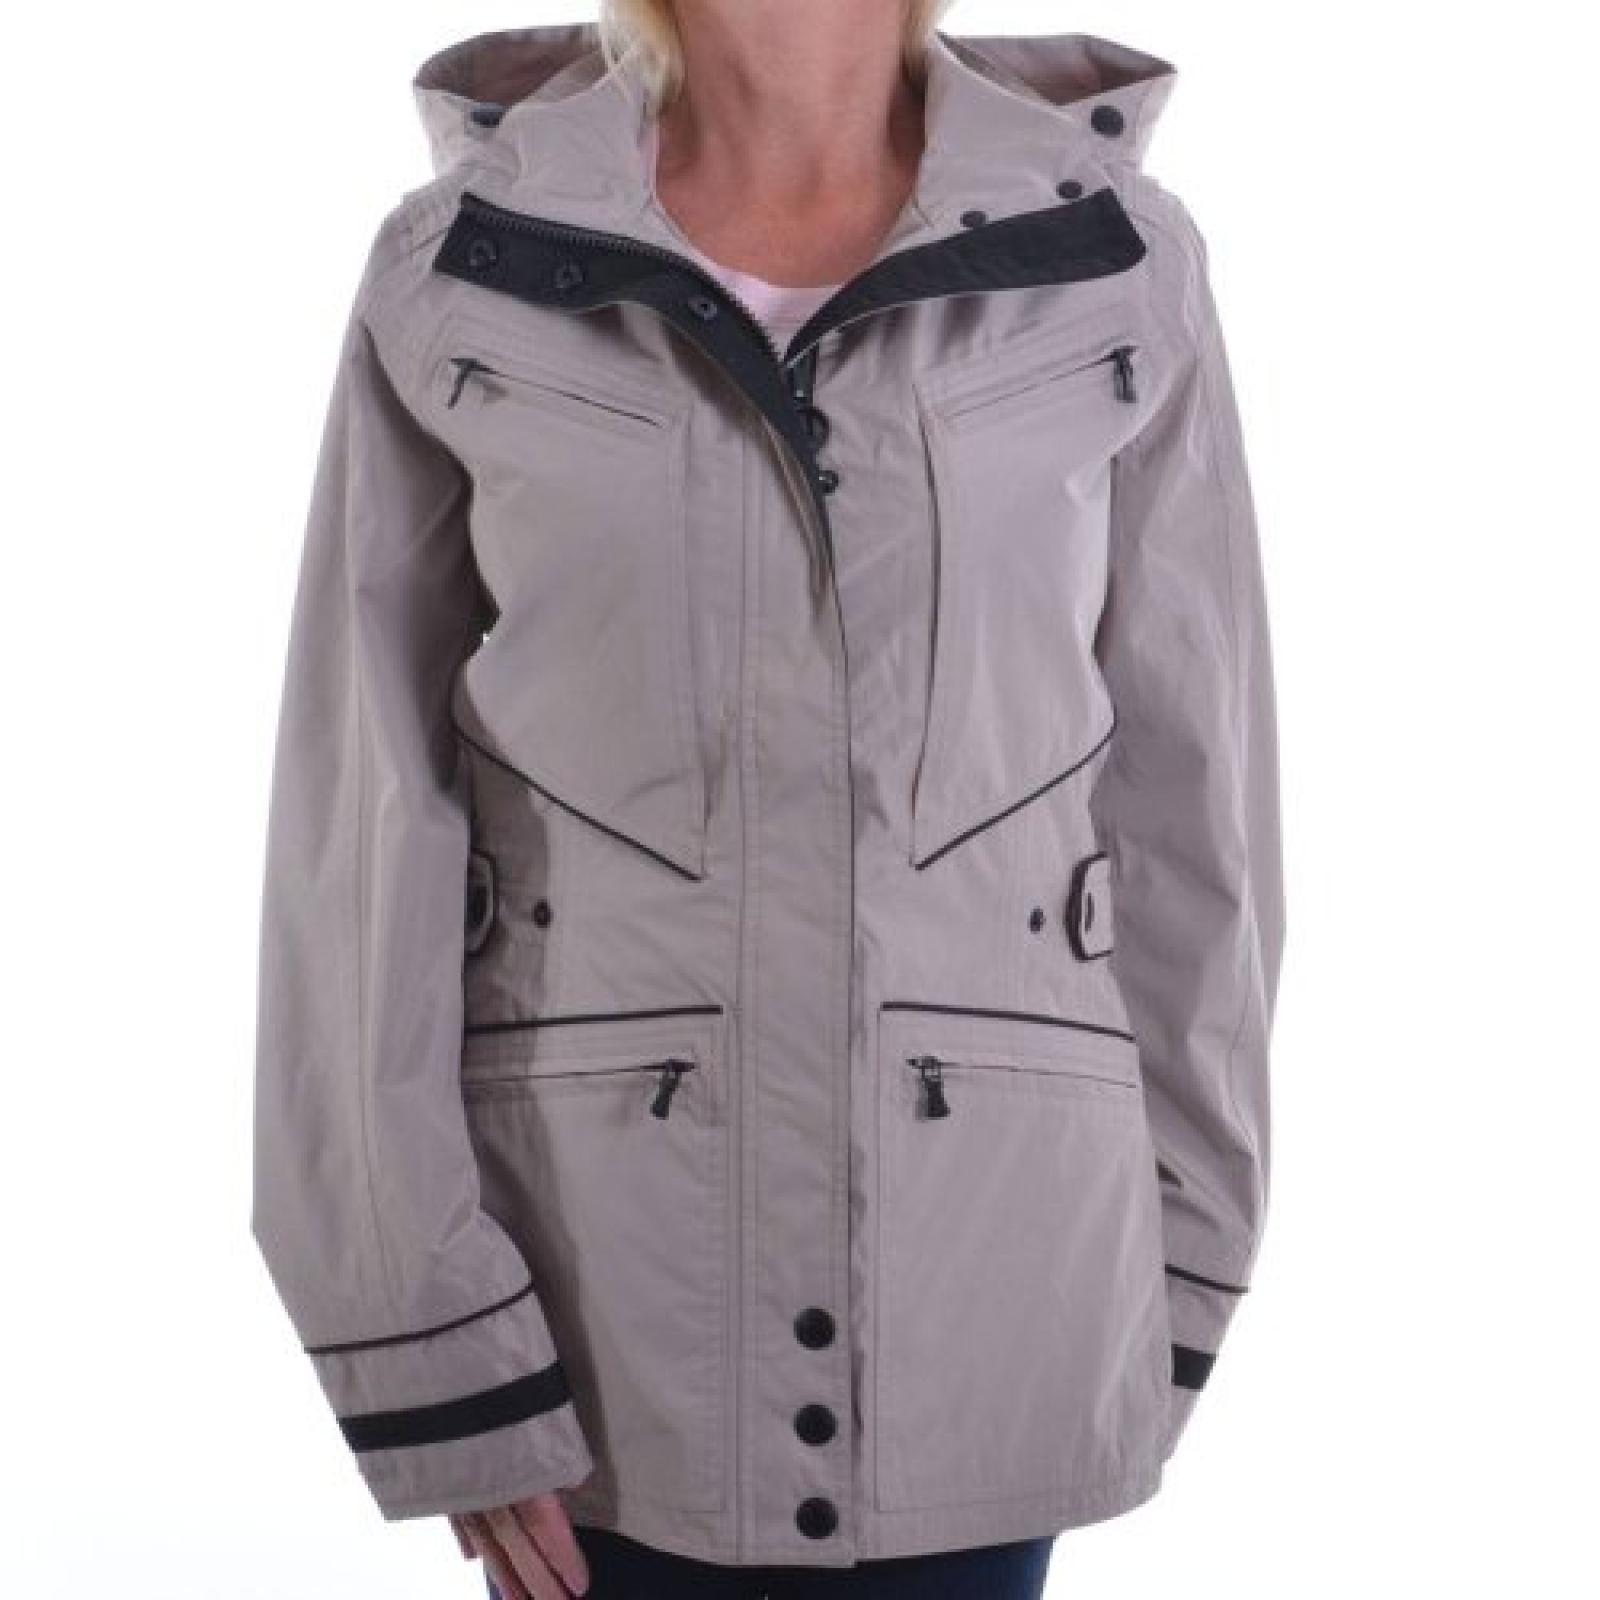 Wellensteyn Damenjacke Delight Gr. XL UVP 399,00 Euro DELI-560 Sand Damen Jacke